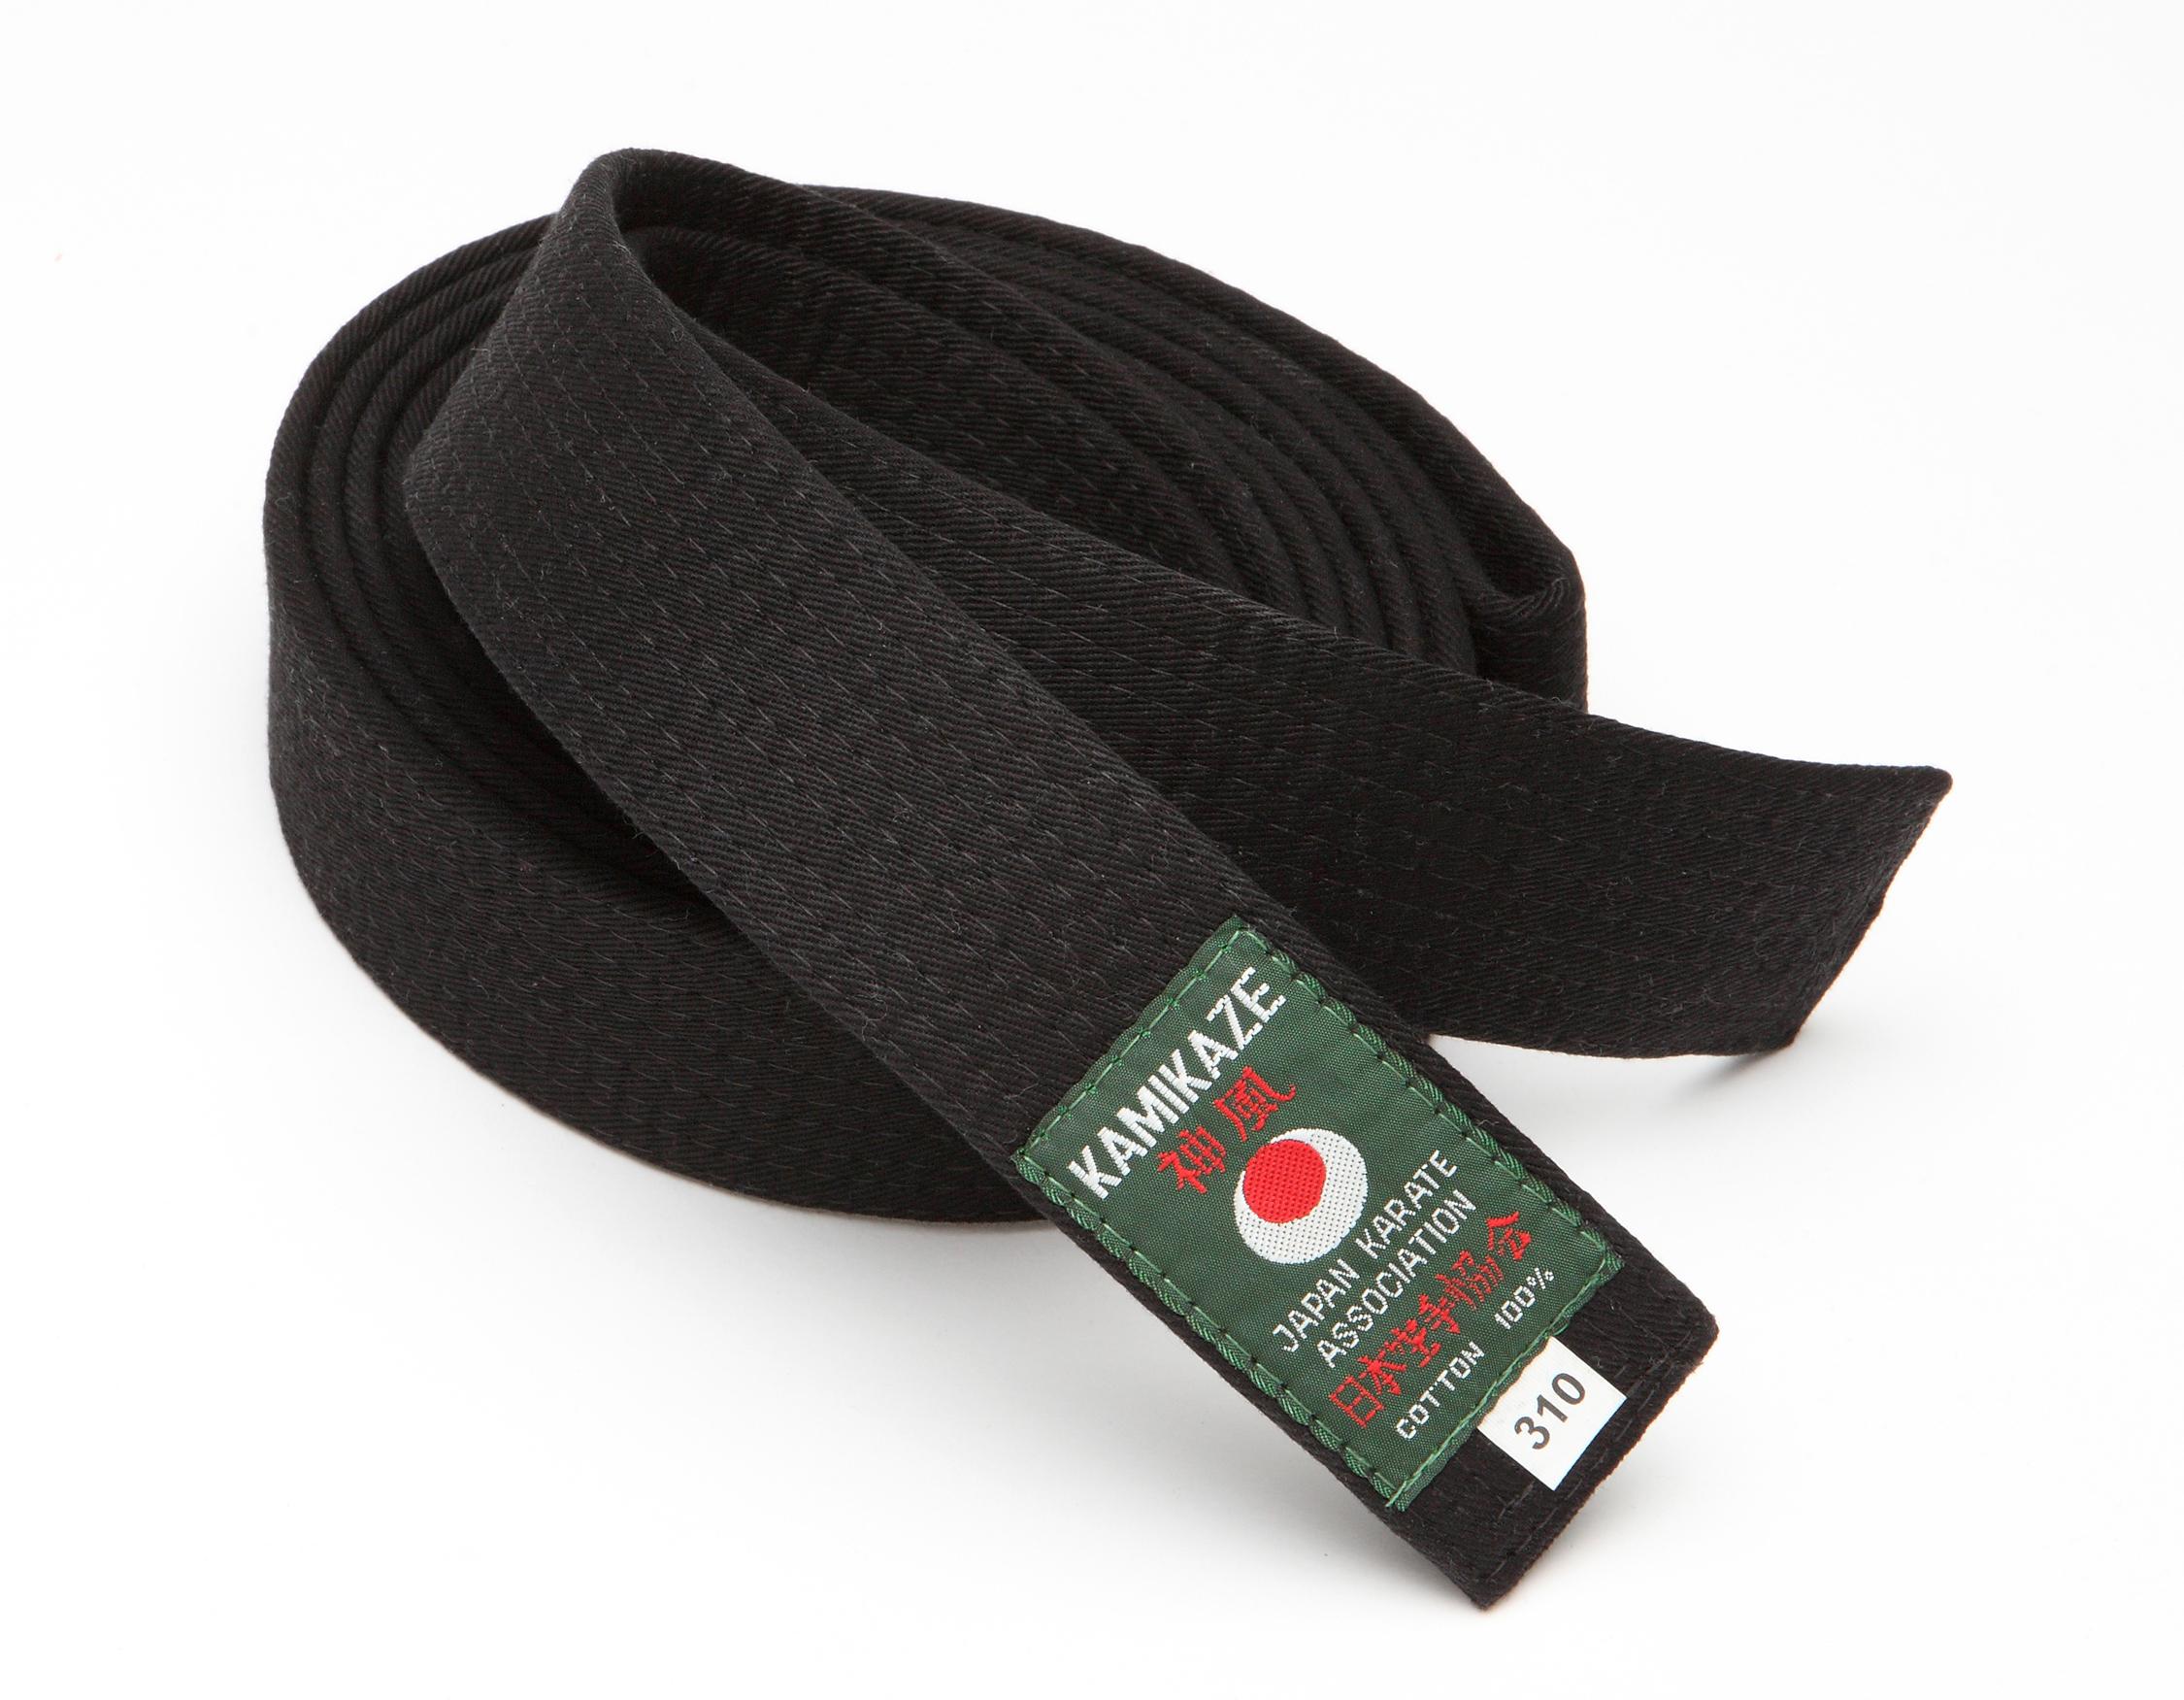 ce9a5b09453 Ceinture noire de Karate économique KAMIKAZE Coton piqué